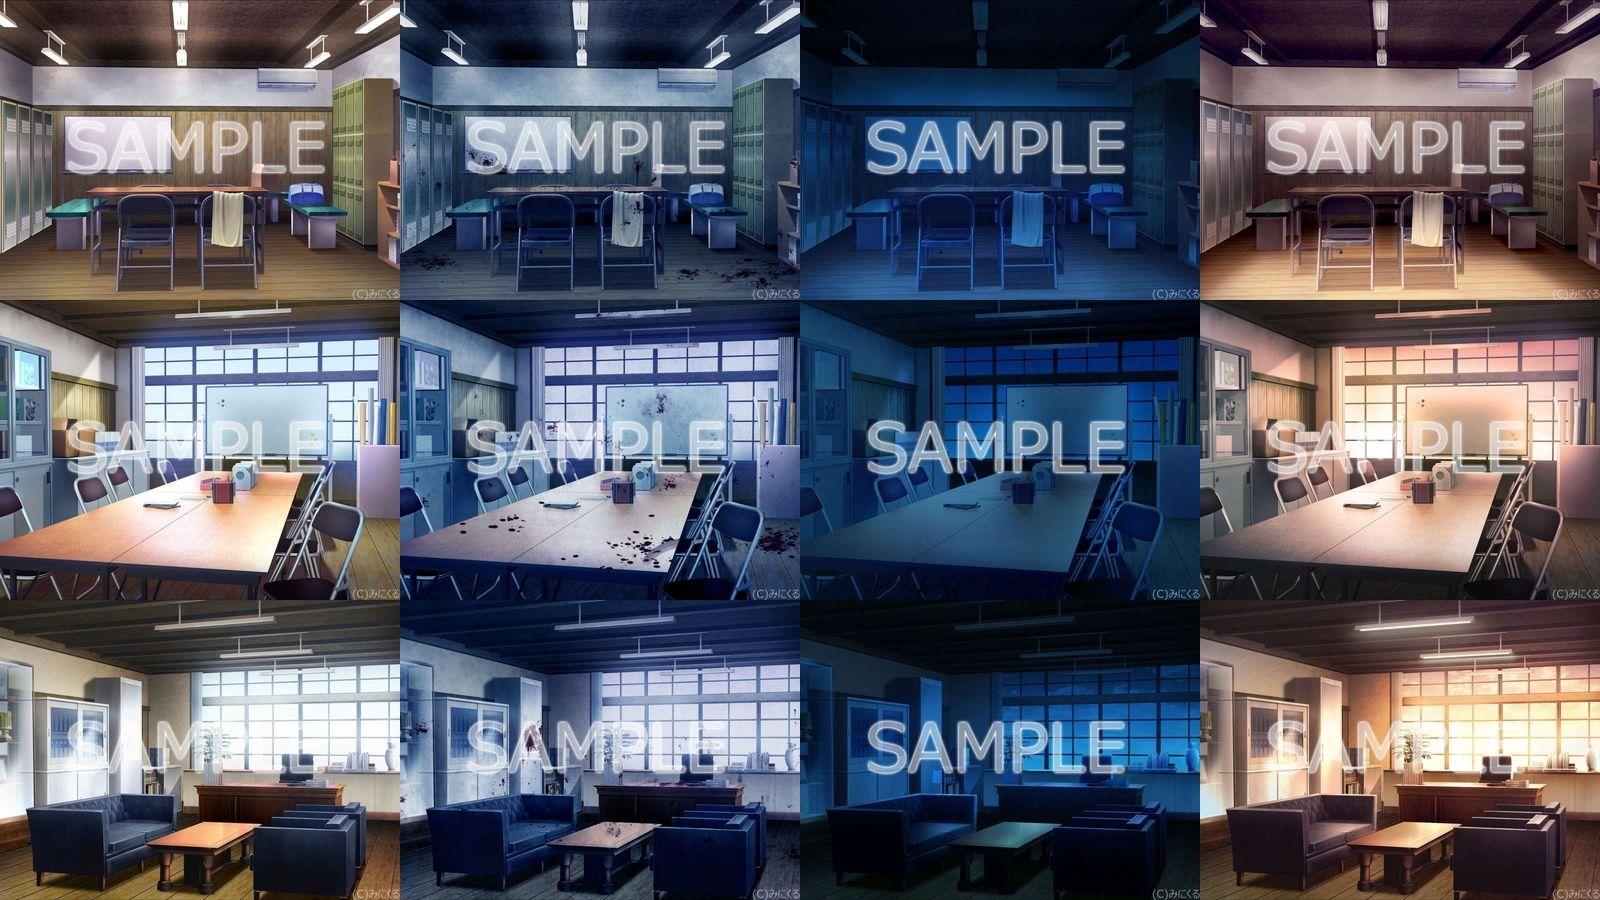 みにくる背景CG素材集『旧校舎・ホラー編』part01のサンプル画像4